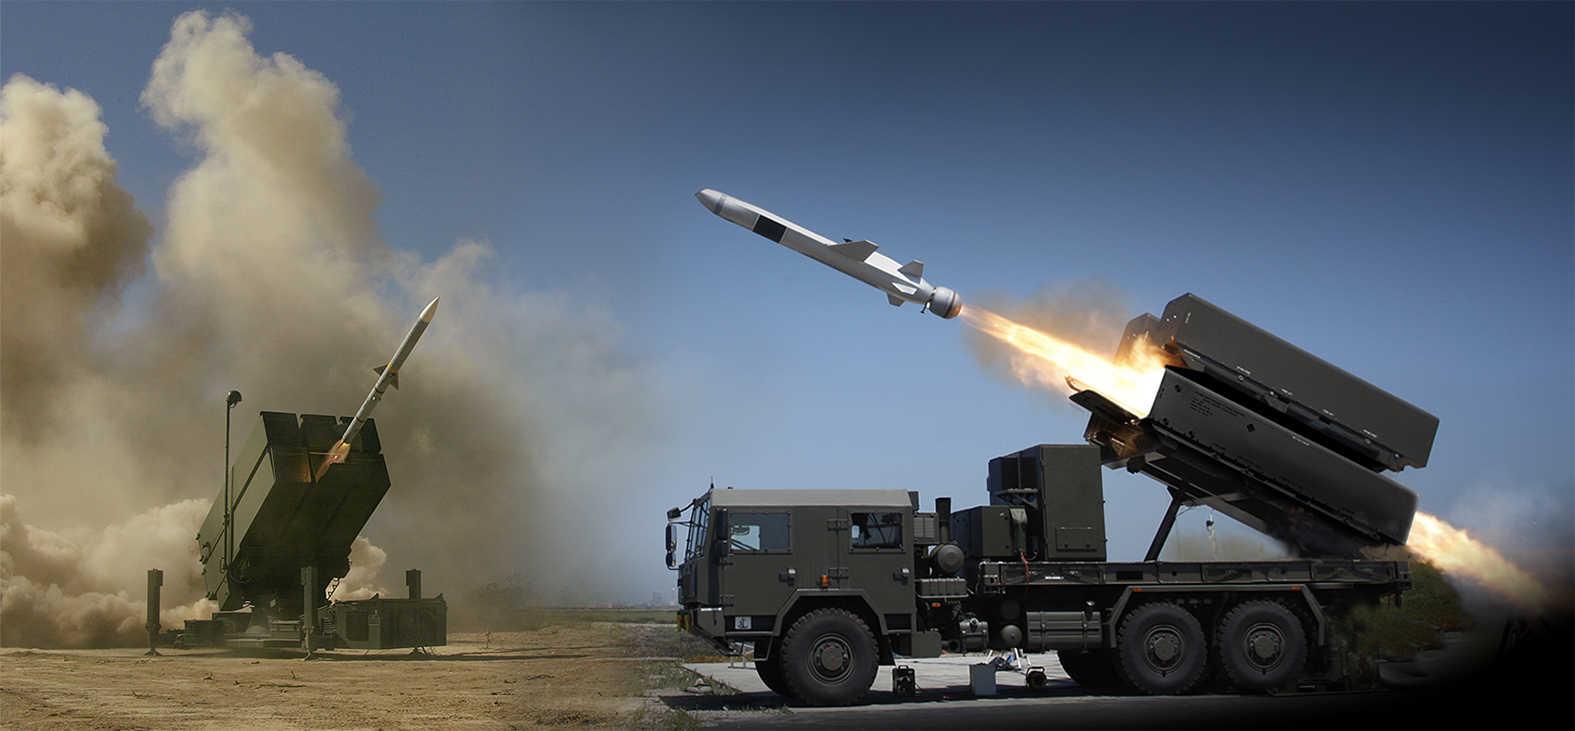 Збираємося працювати над системами ППО та ПРО, - Столтенберг про заходи щодо захисту від російських ракет - Цензор.НЕТ 5850